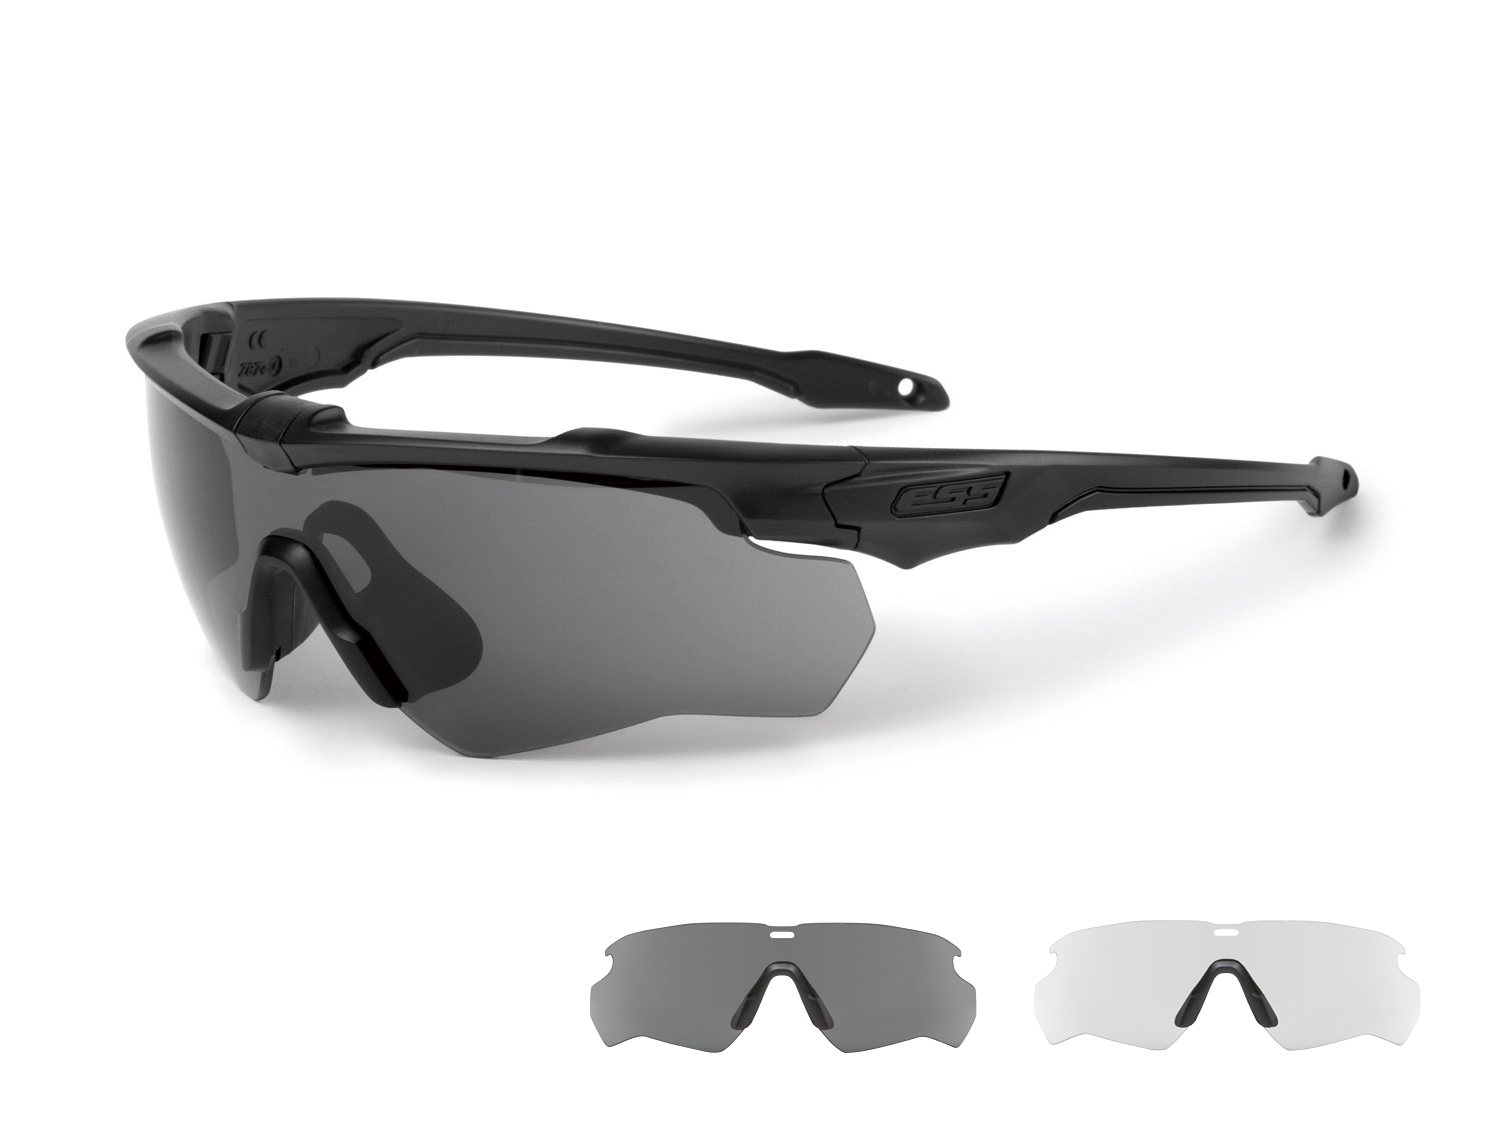 EE9032-02フレーム:ブラック レンズ:クリアー・スモークグレイ